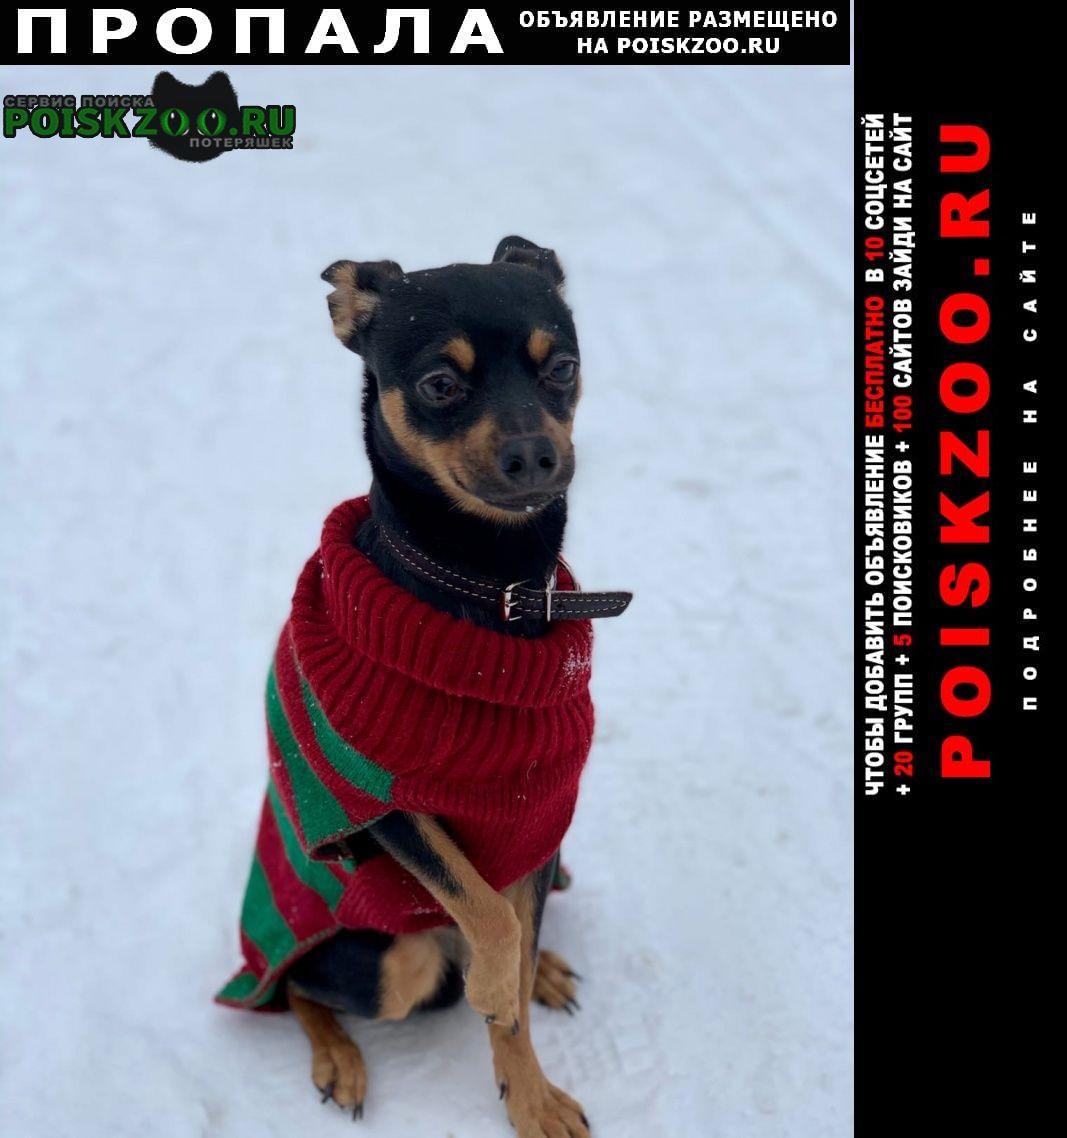 Пропала собака кобель Железнодорожный (Московск.)